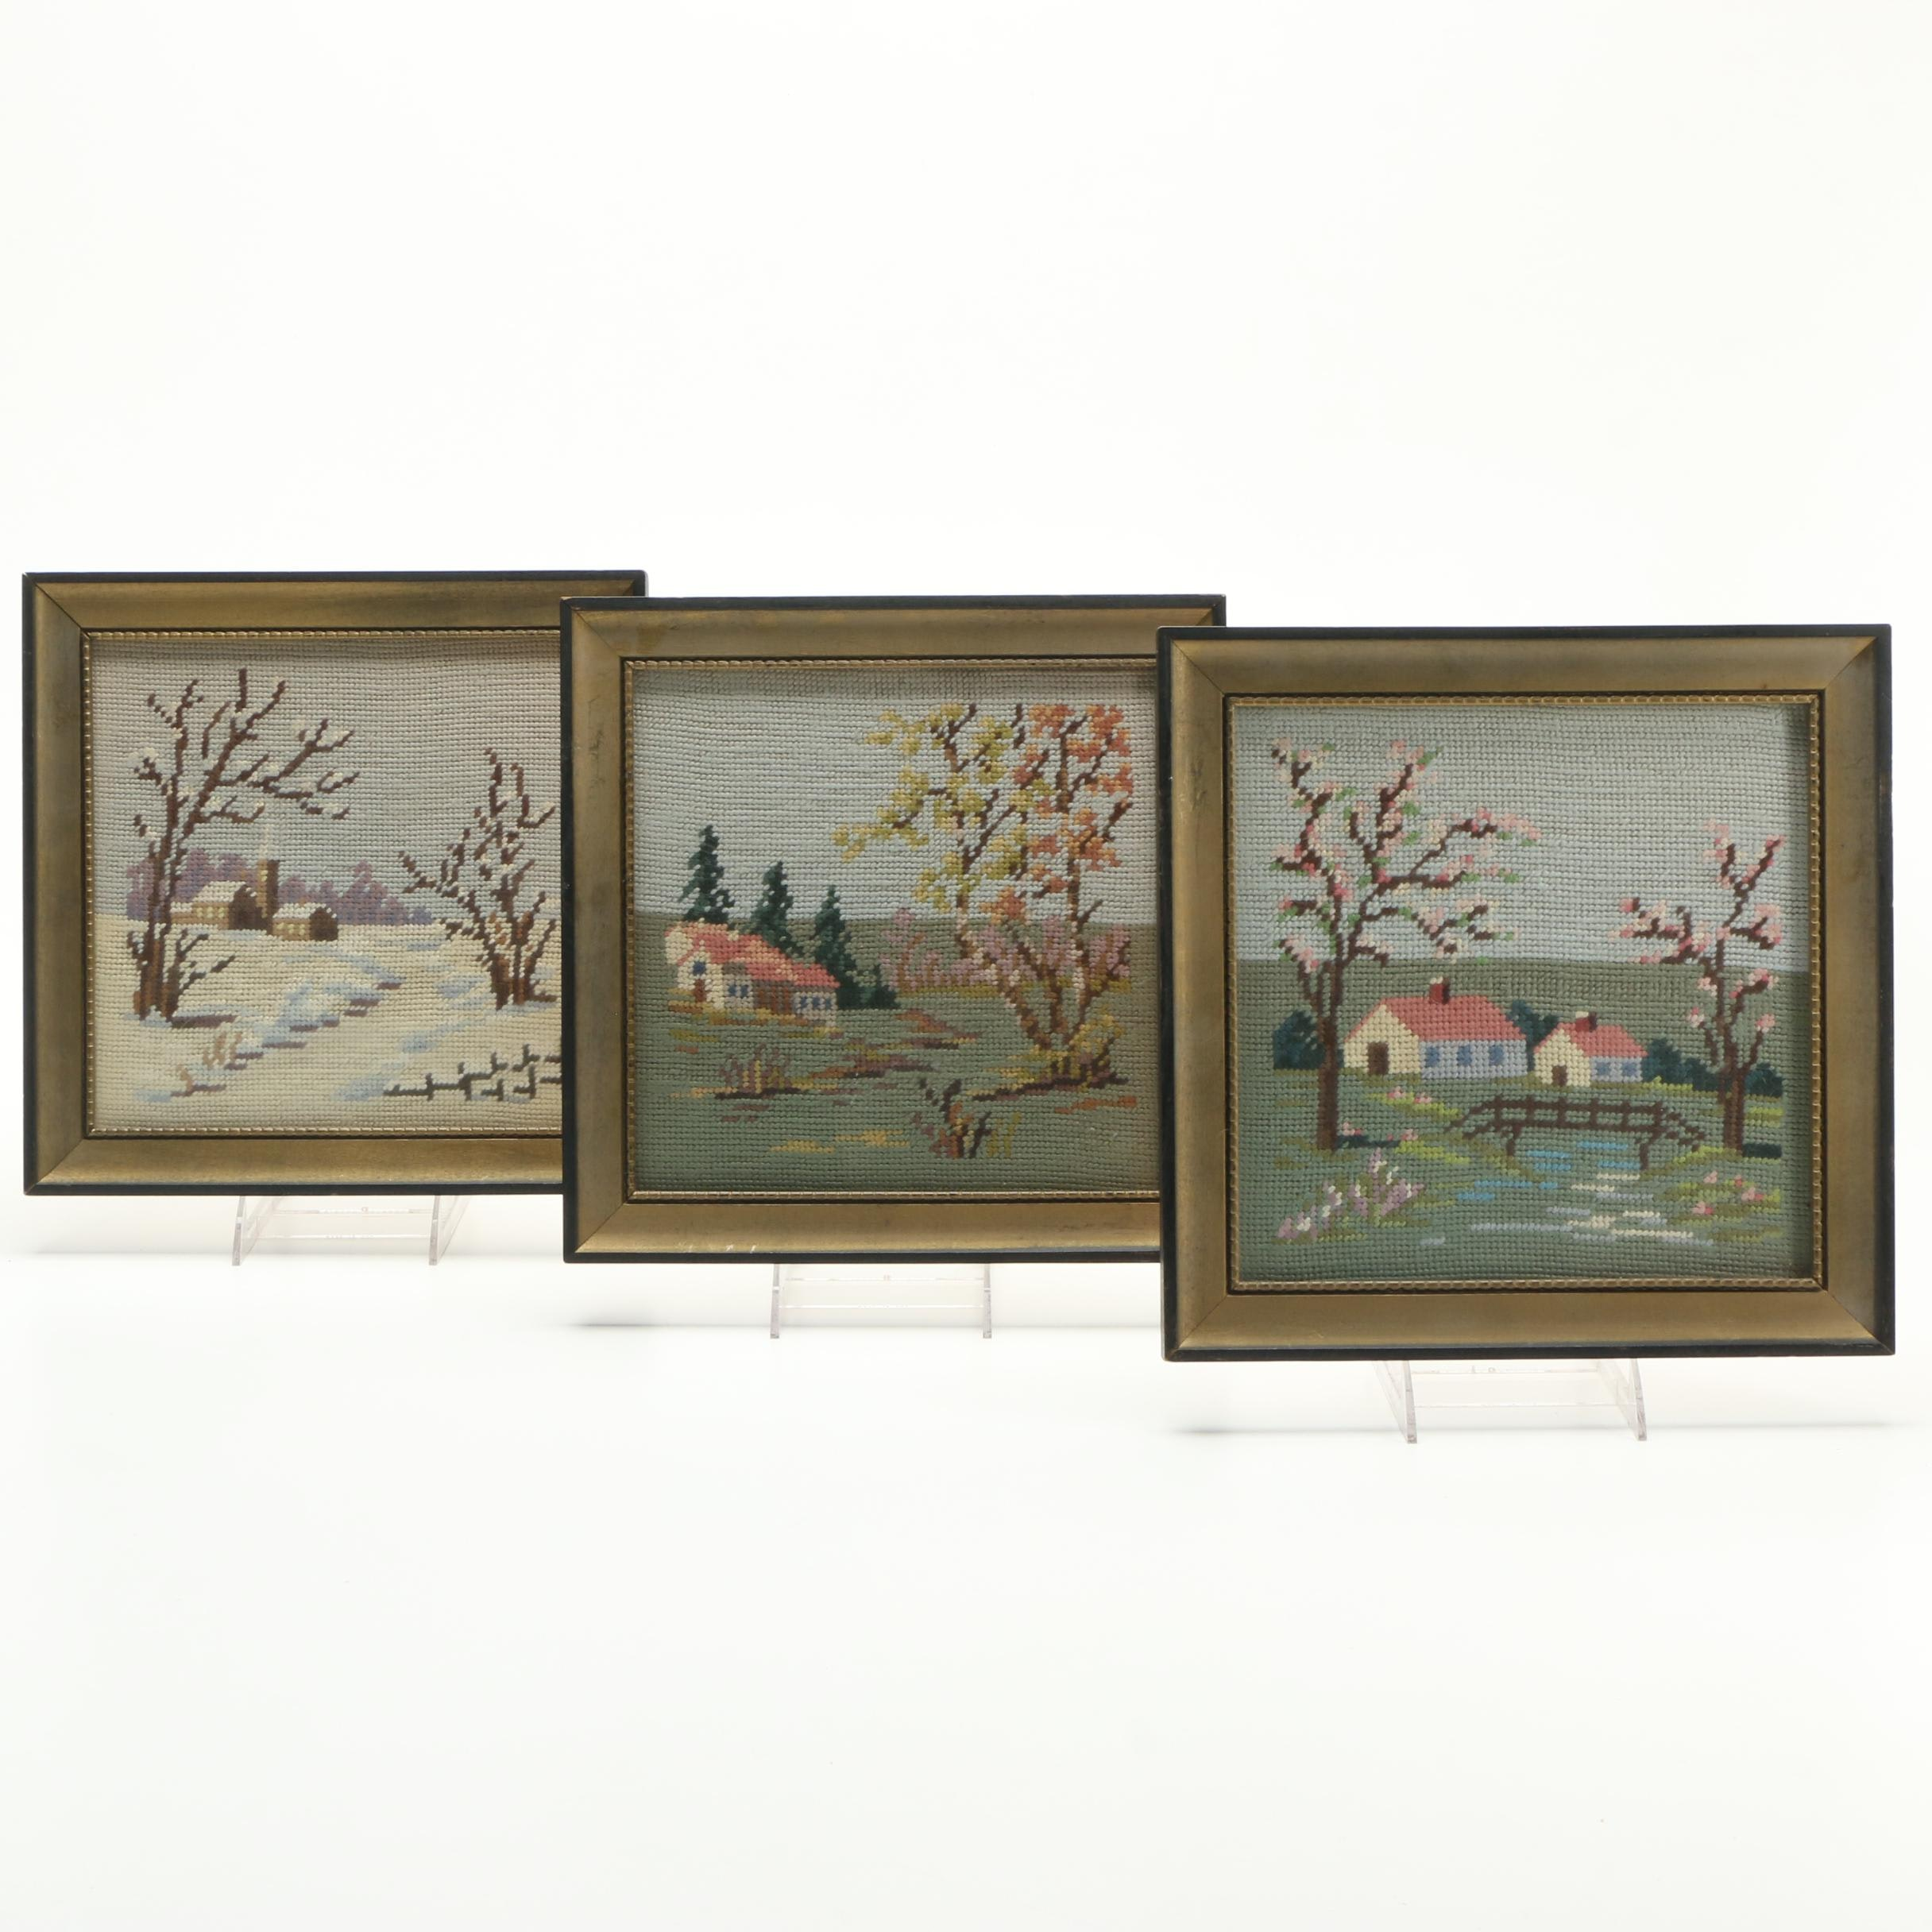 Needlepoints of Seasonal Landscapes